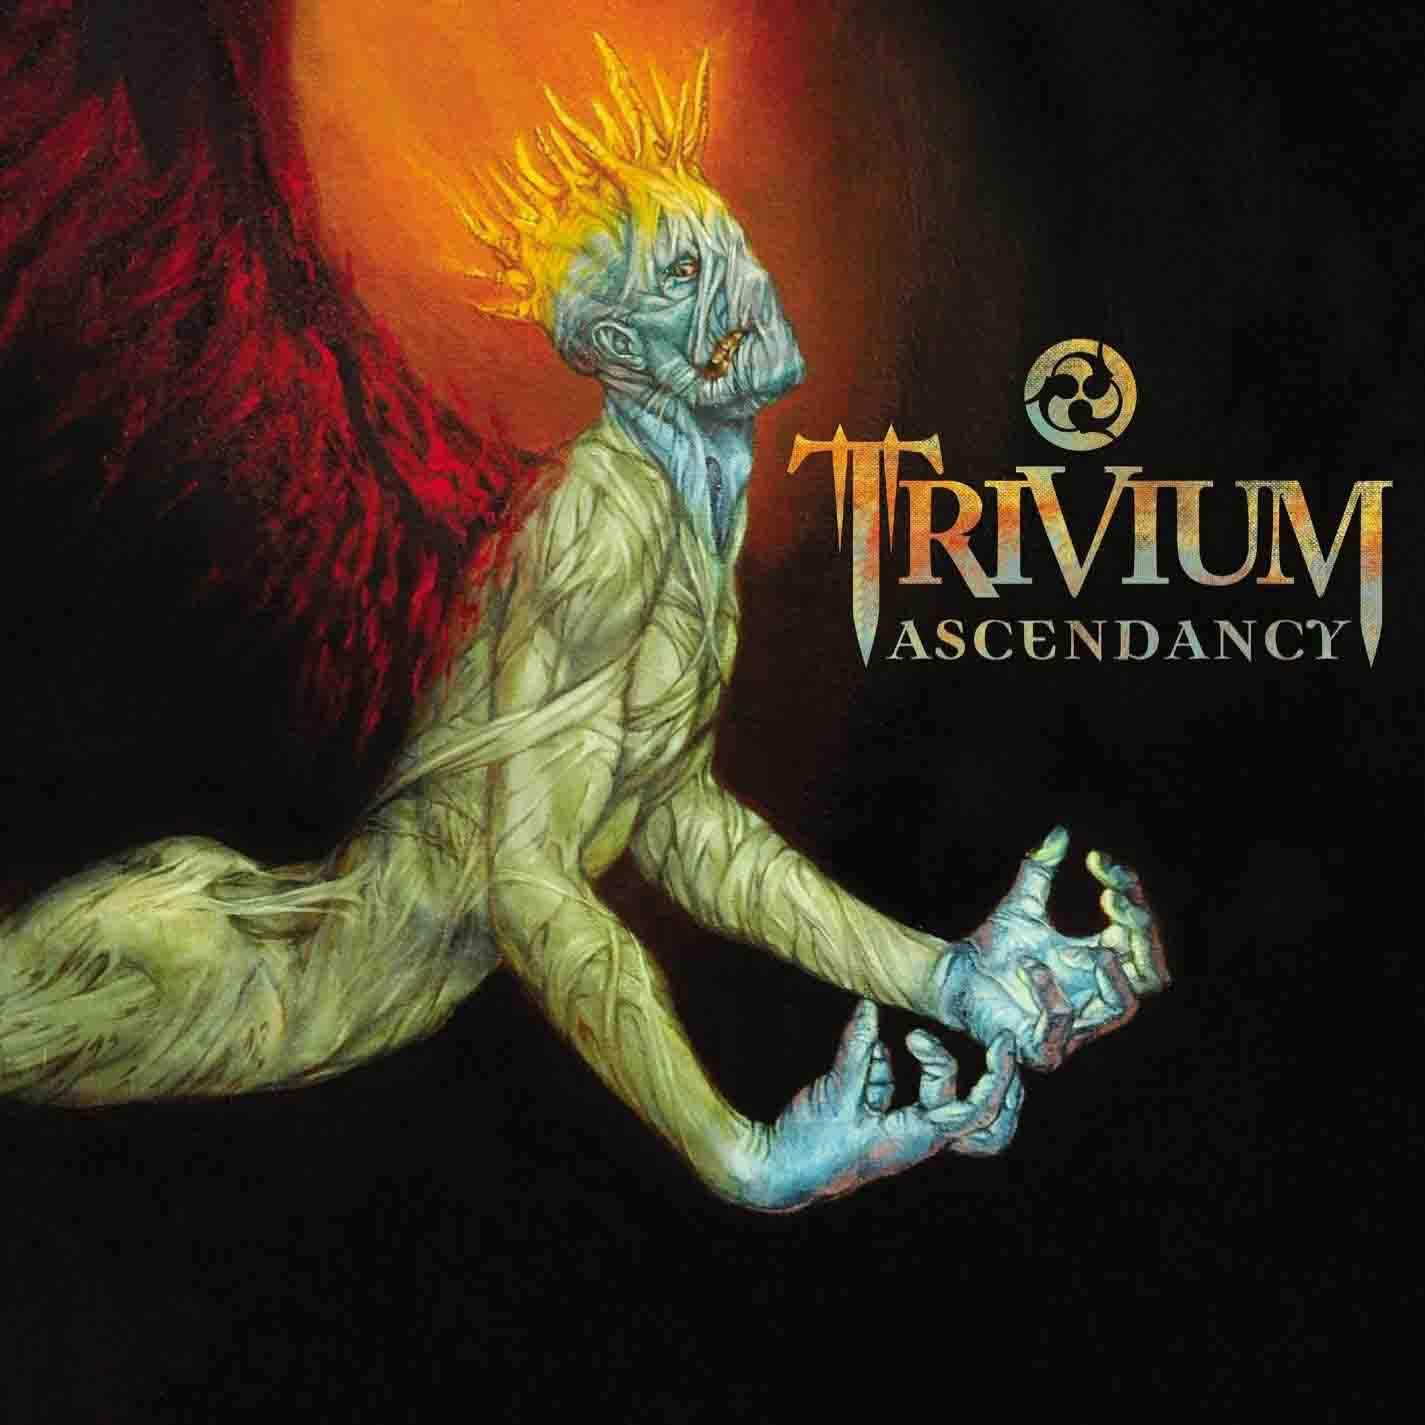 Trivium — Ascendancy (2005)